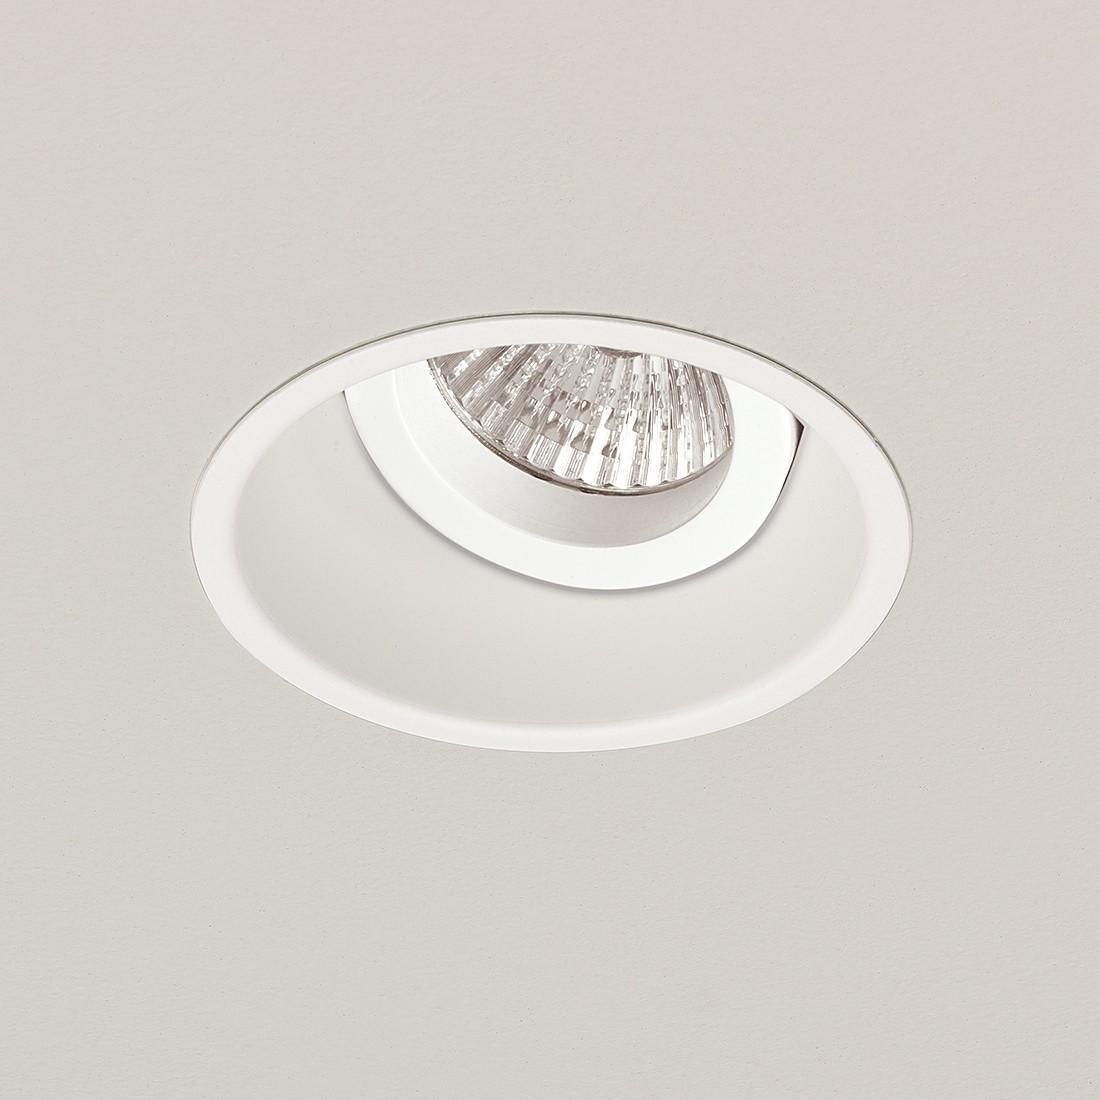 Einbauleuchte Minima (verstellbar) ● Aluminium ● 1-flammig- Illumina A++